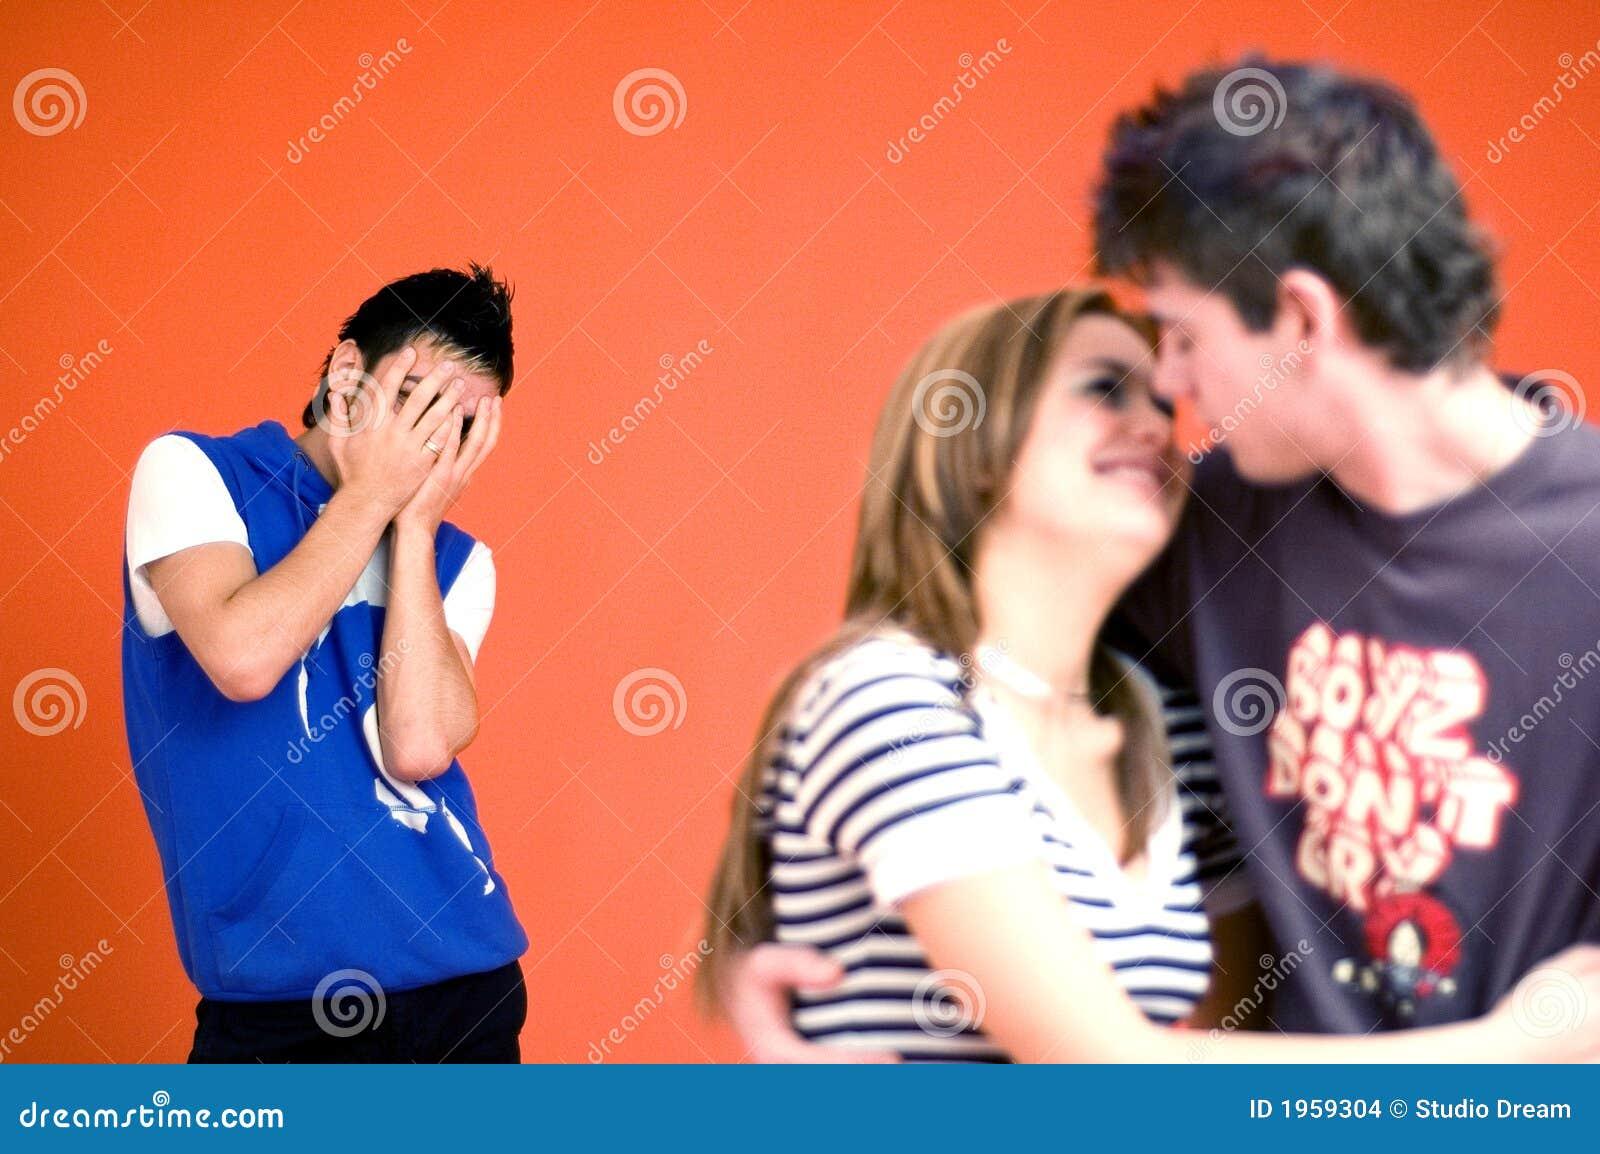 Jealous Guy, Couple Embracing